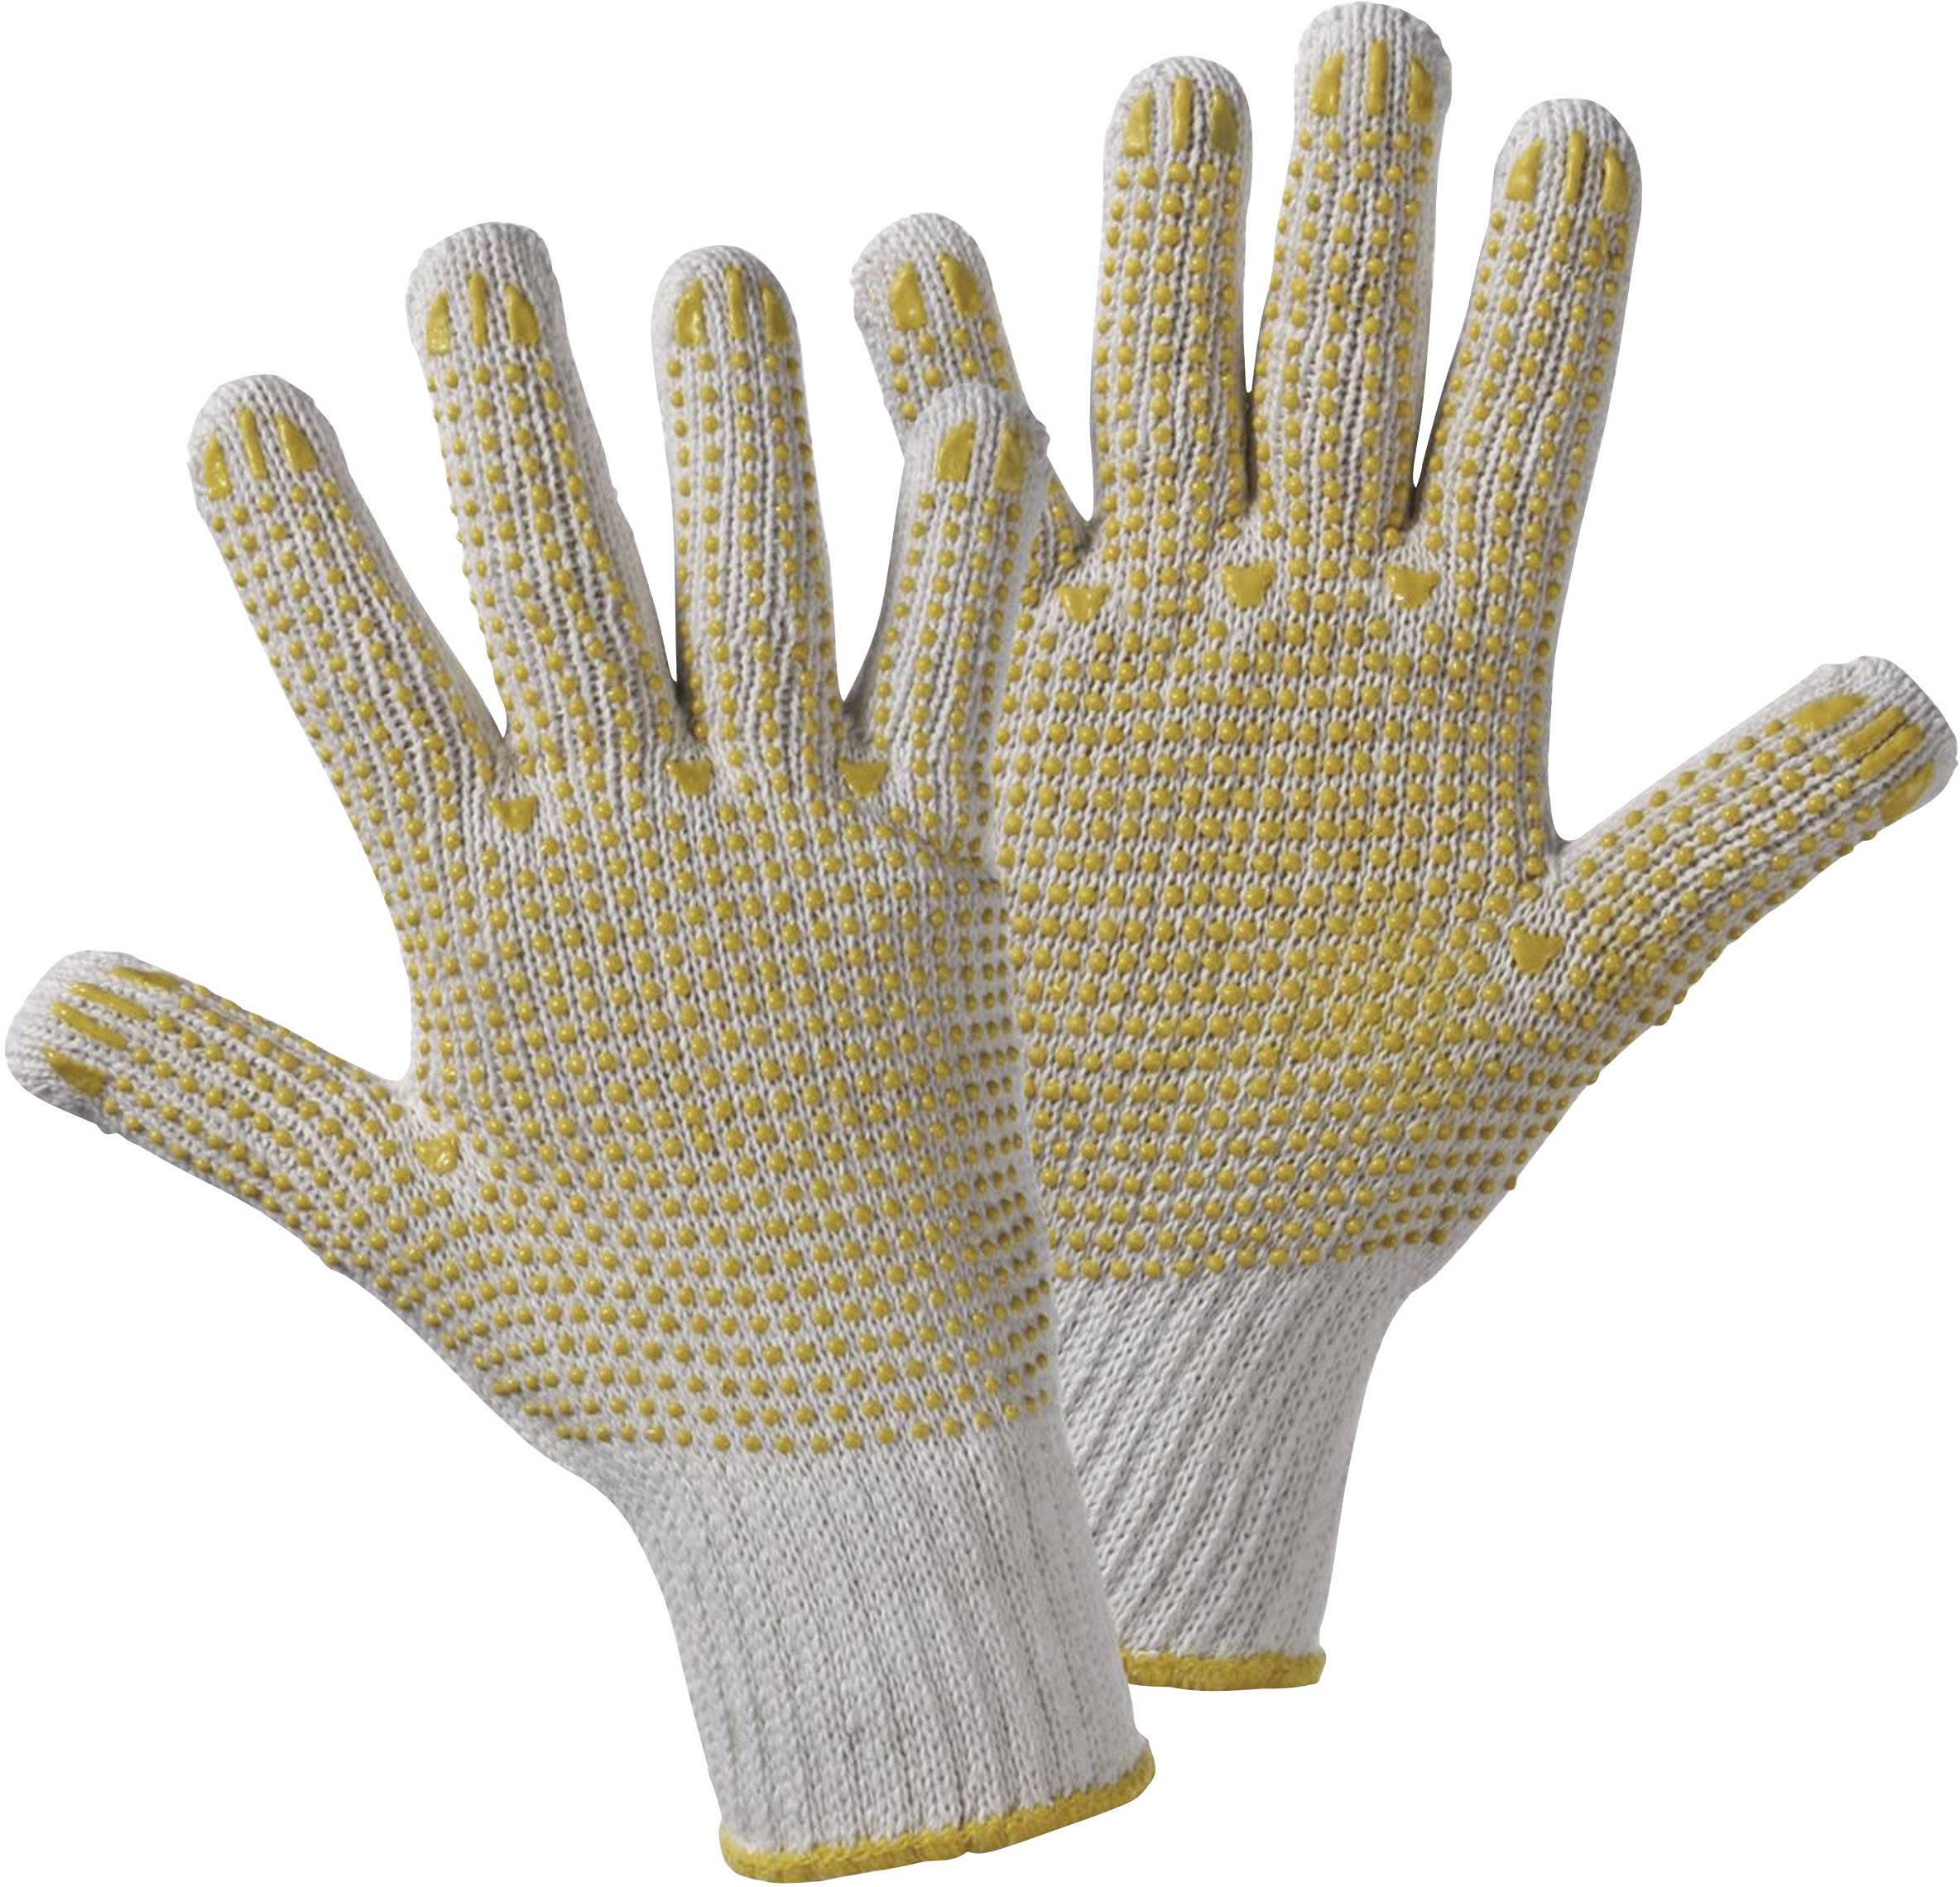 Pracovní rukavice Upixx Twice 1132, velikost rukavic: 8, M